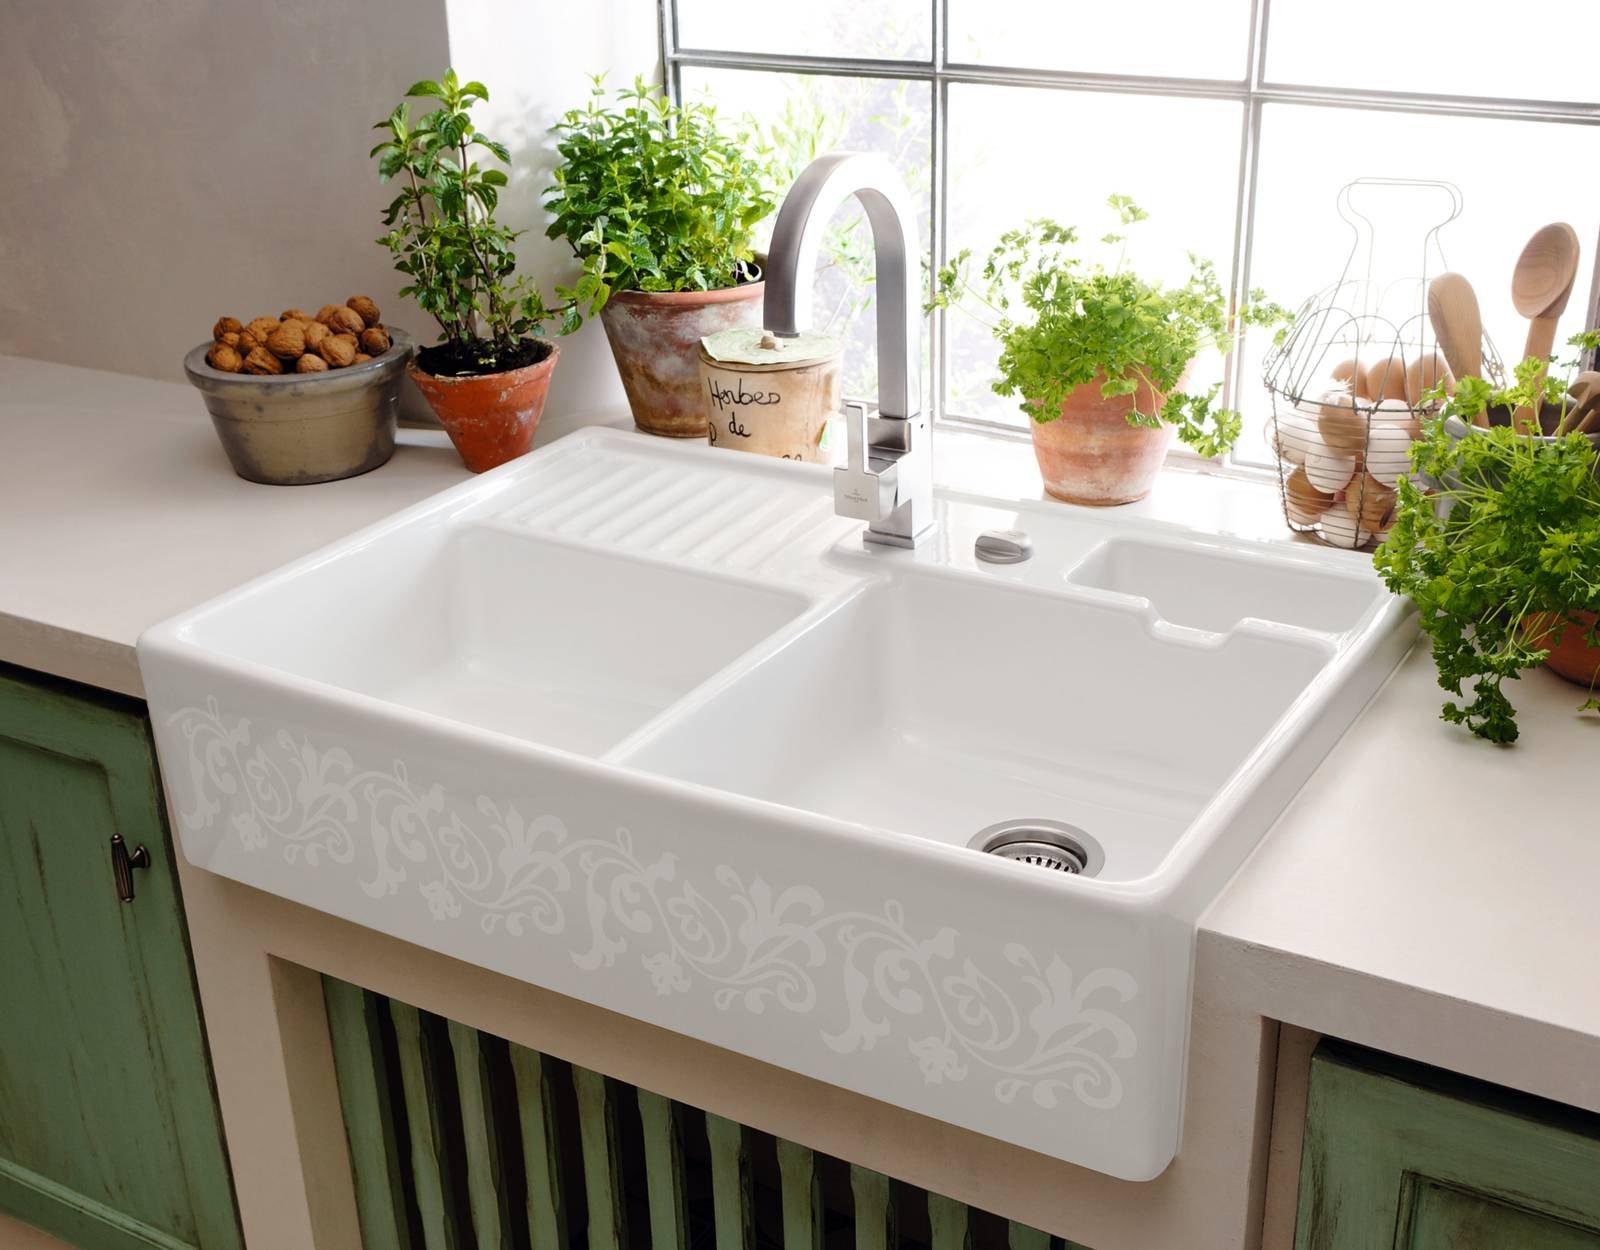 Lavello: quale materiale scegliere per il lavandino della cucina ...